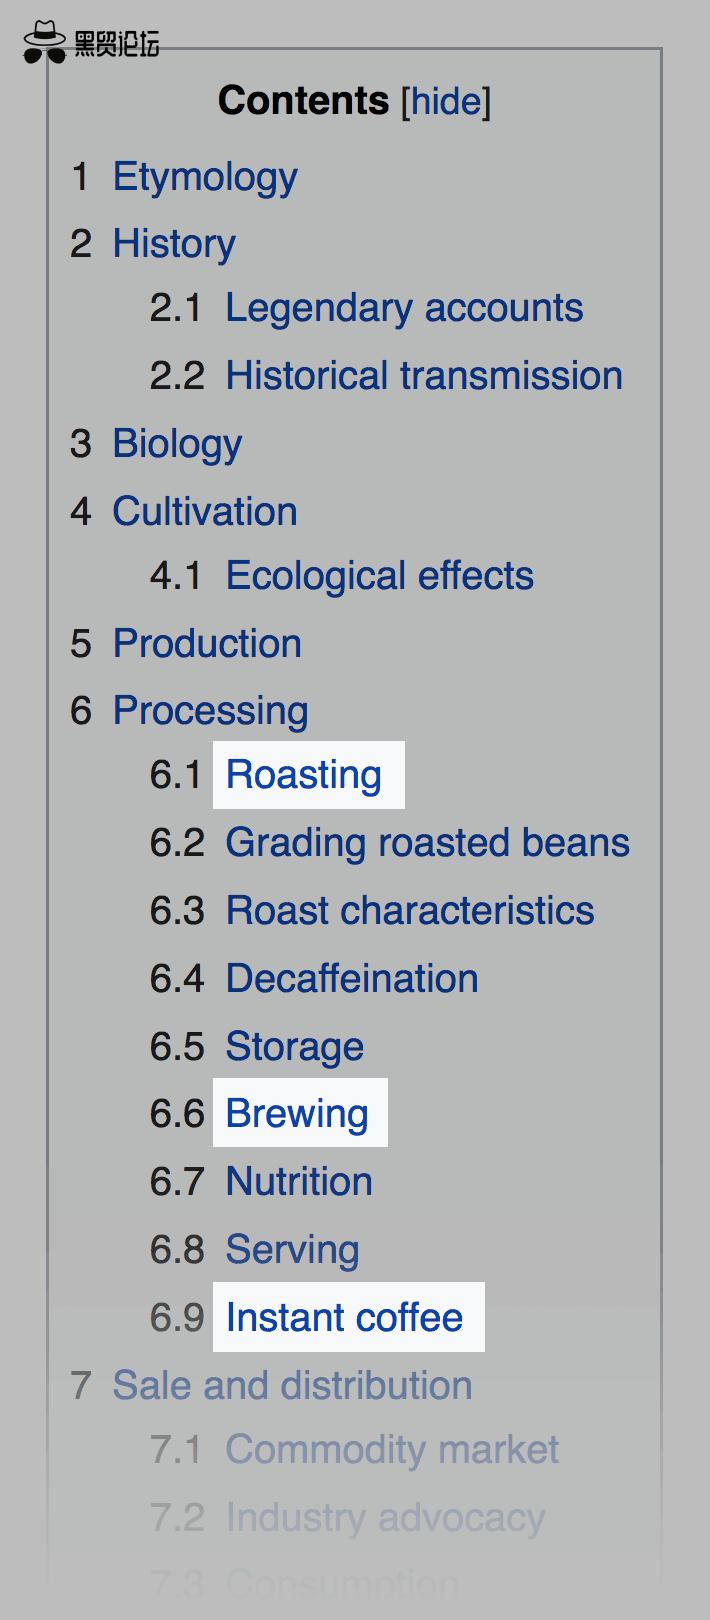 维基百科 – 内容关键词